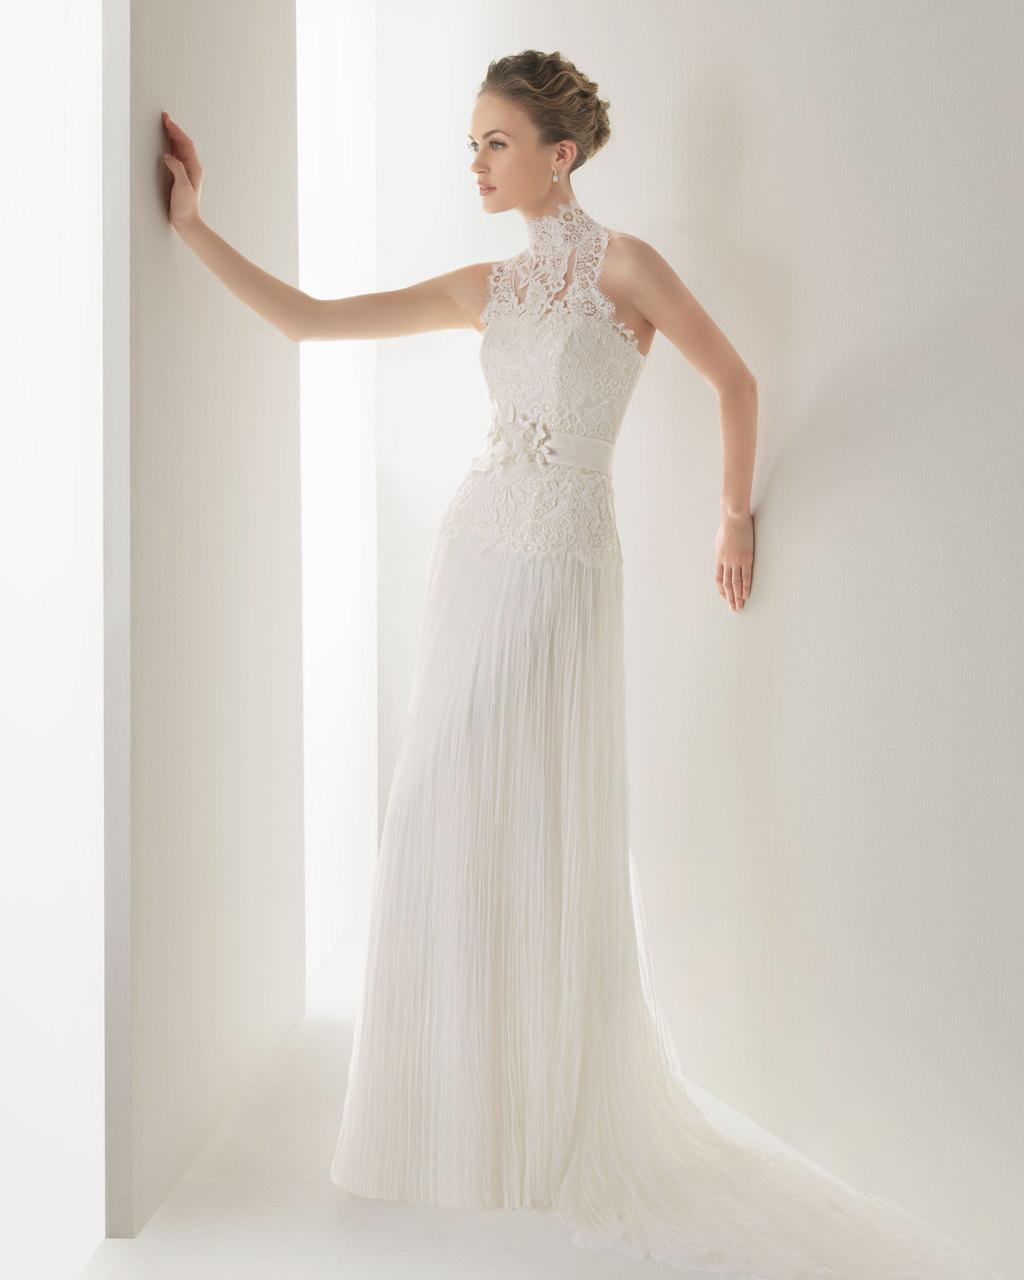 2013-wedding-dress-soft-by-rosa-clara-bridal-gowns-jucar.full